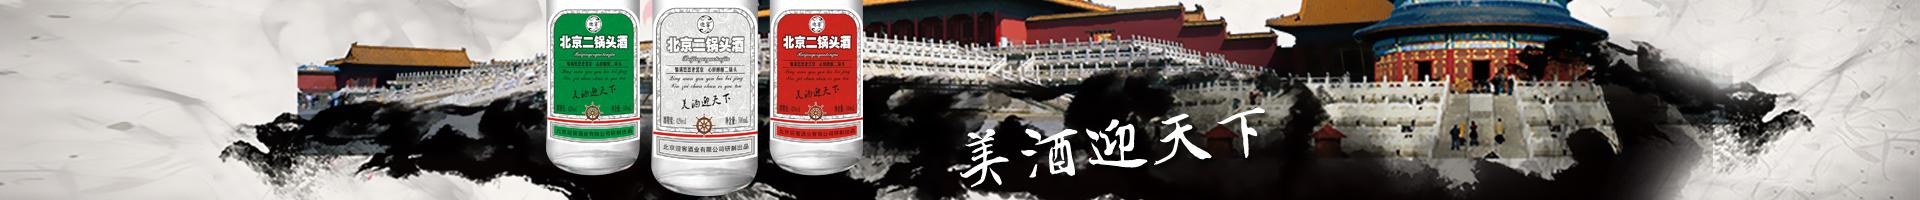 北京迎窖酒业有限公司